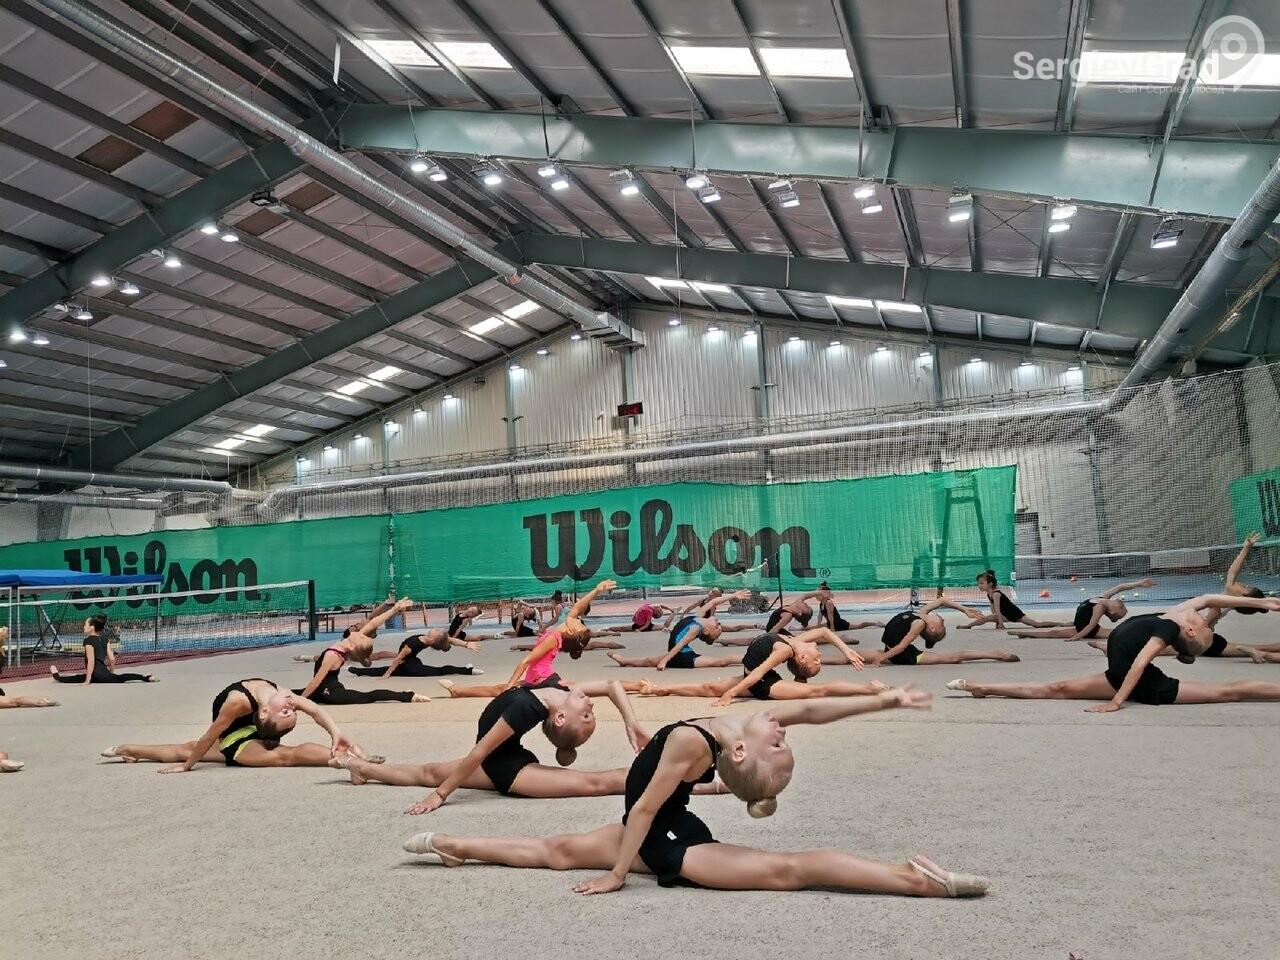 Лучший спорт для девочки – художественная гимнастика, фото-1